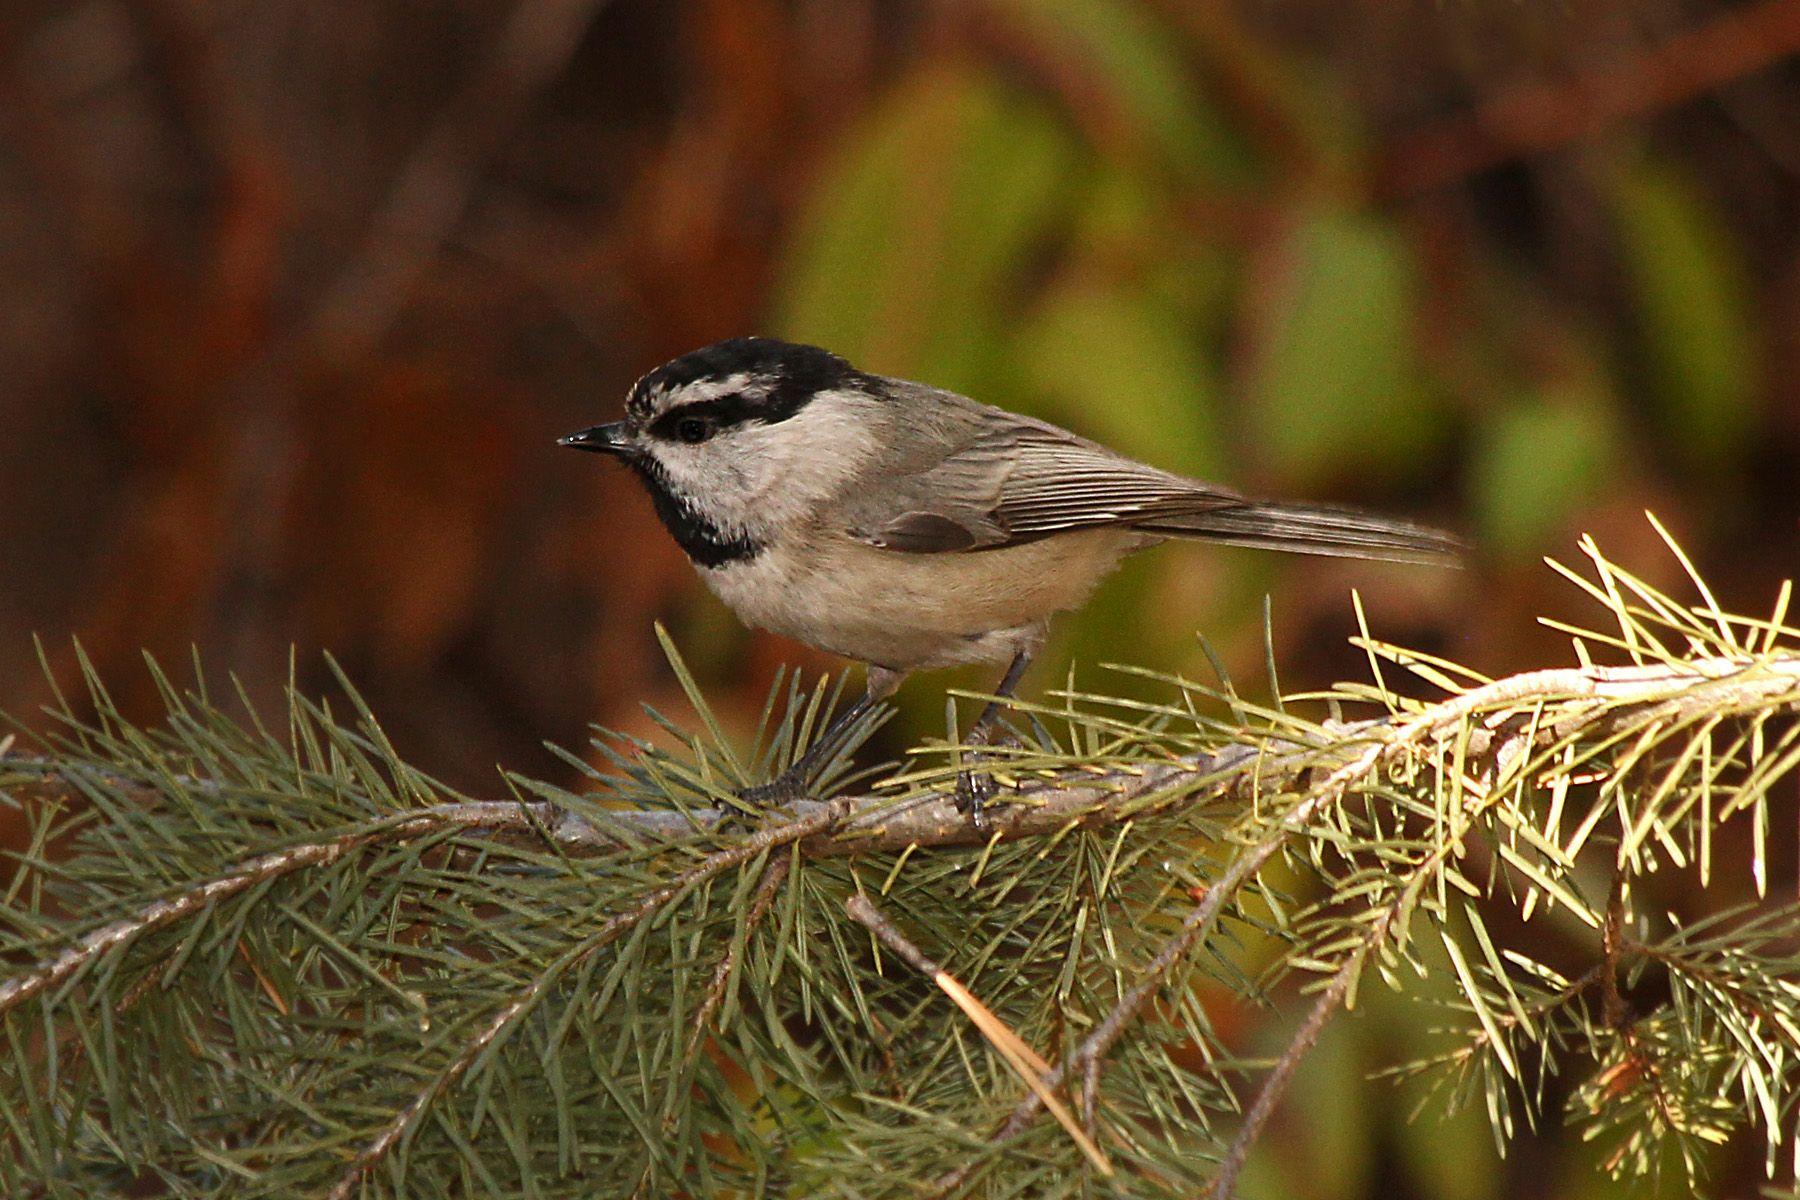 GBBC | Great Backyard Bird Count | Great backyard bird ...